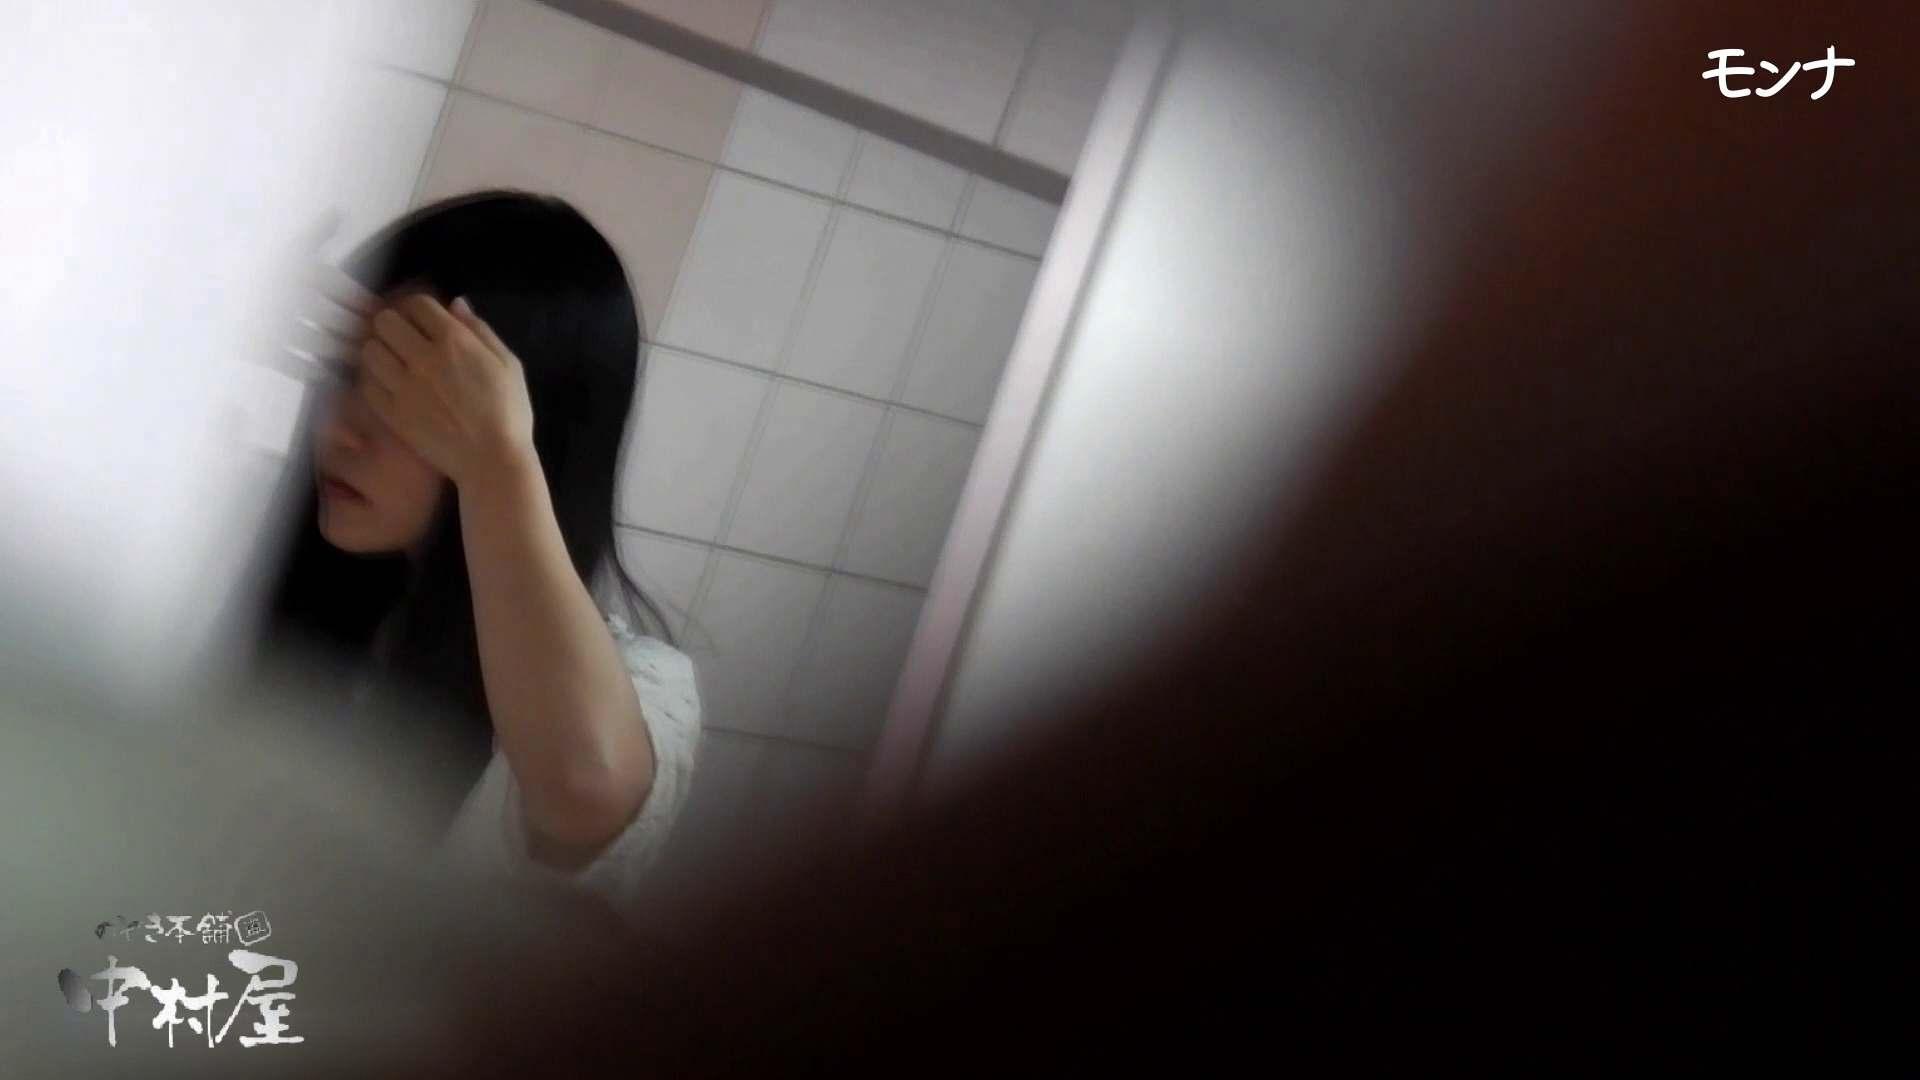 【美しい日本の未来】美しい日本の未来 No.70 若さゆえの美しい丸み おまんこ見放題  110PIX 38